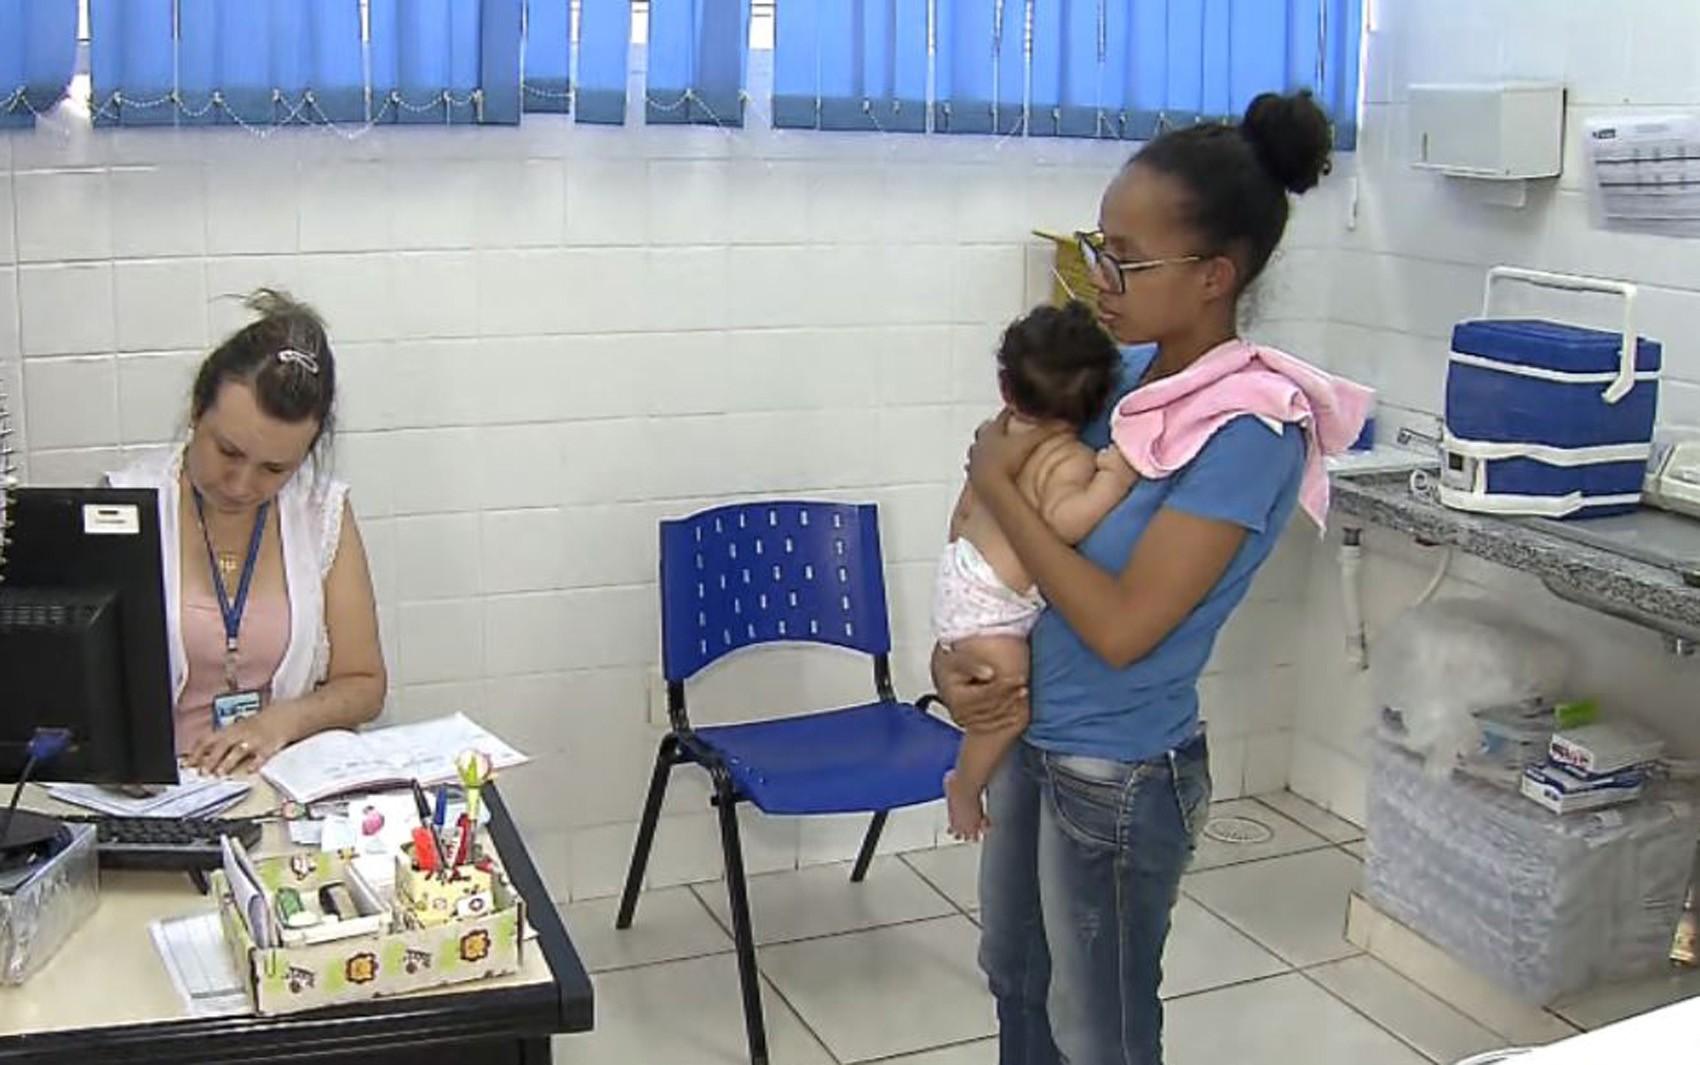 Com 19 casos de sarampo, Franca, SP, se prepara para Dia D de vacinação contra a doença - Notícias - Plantão Diário